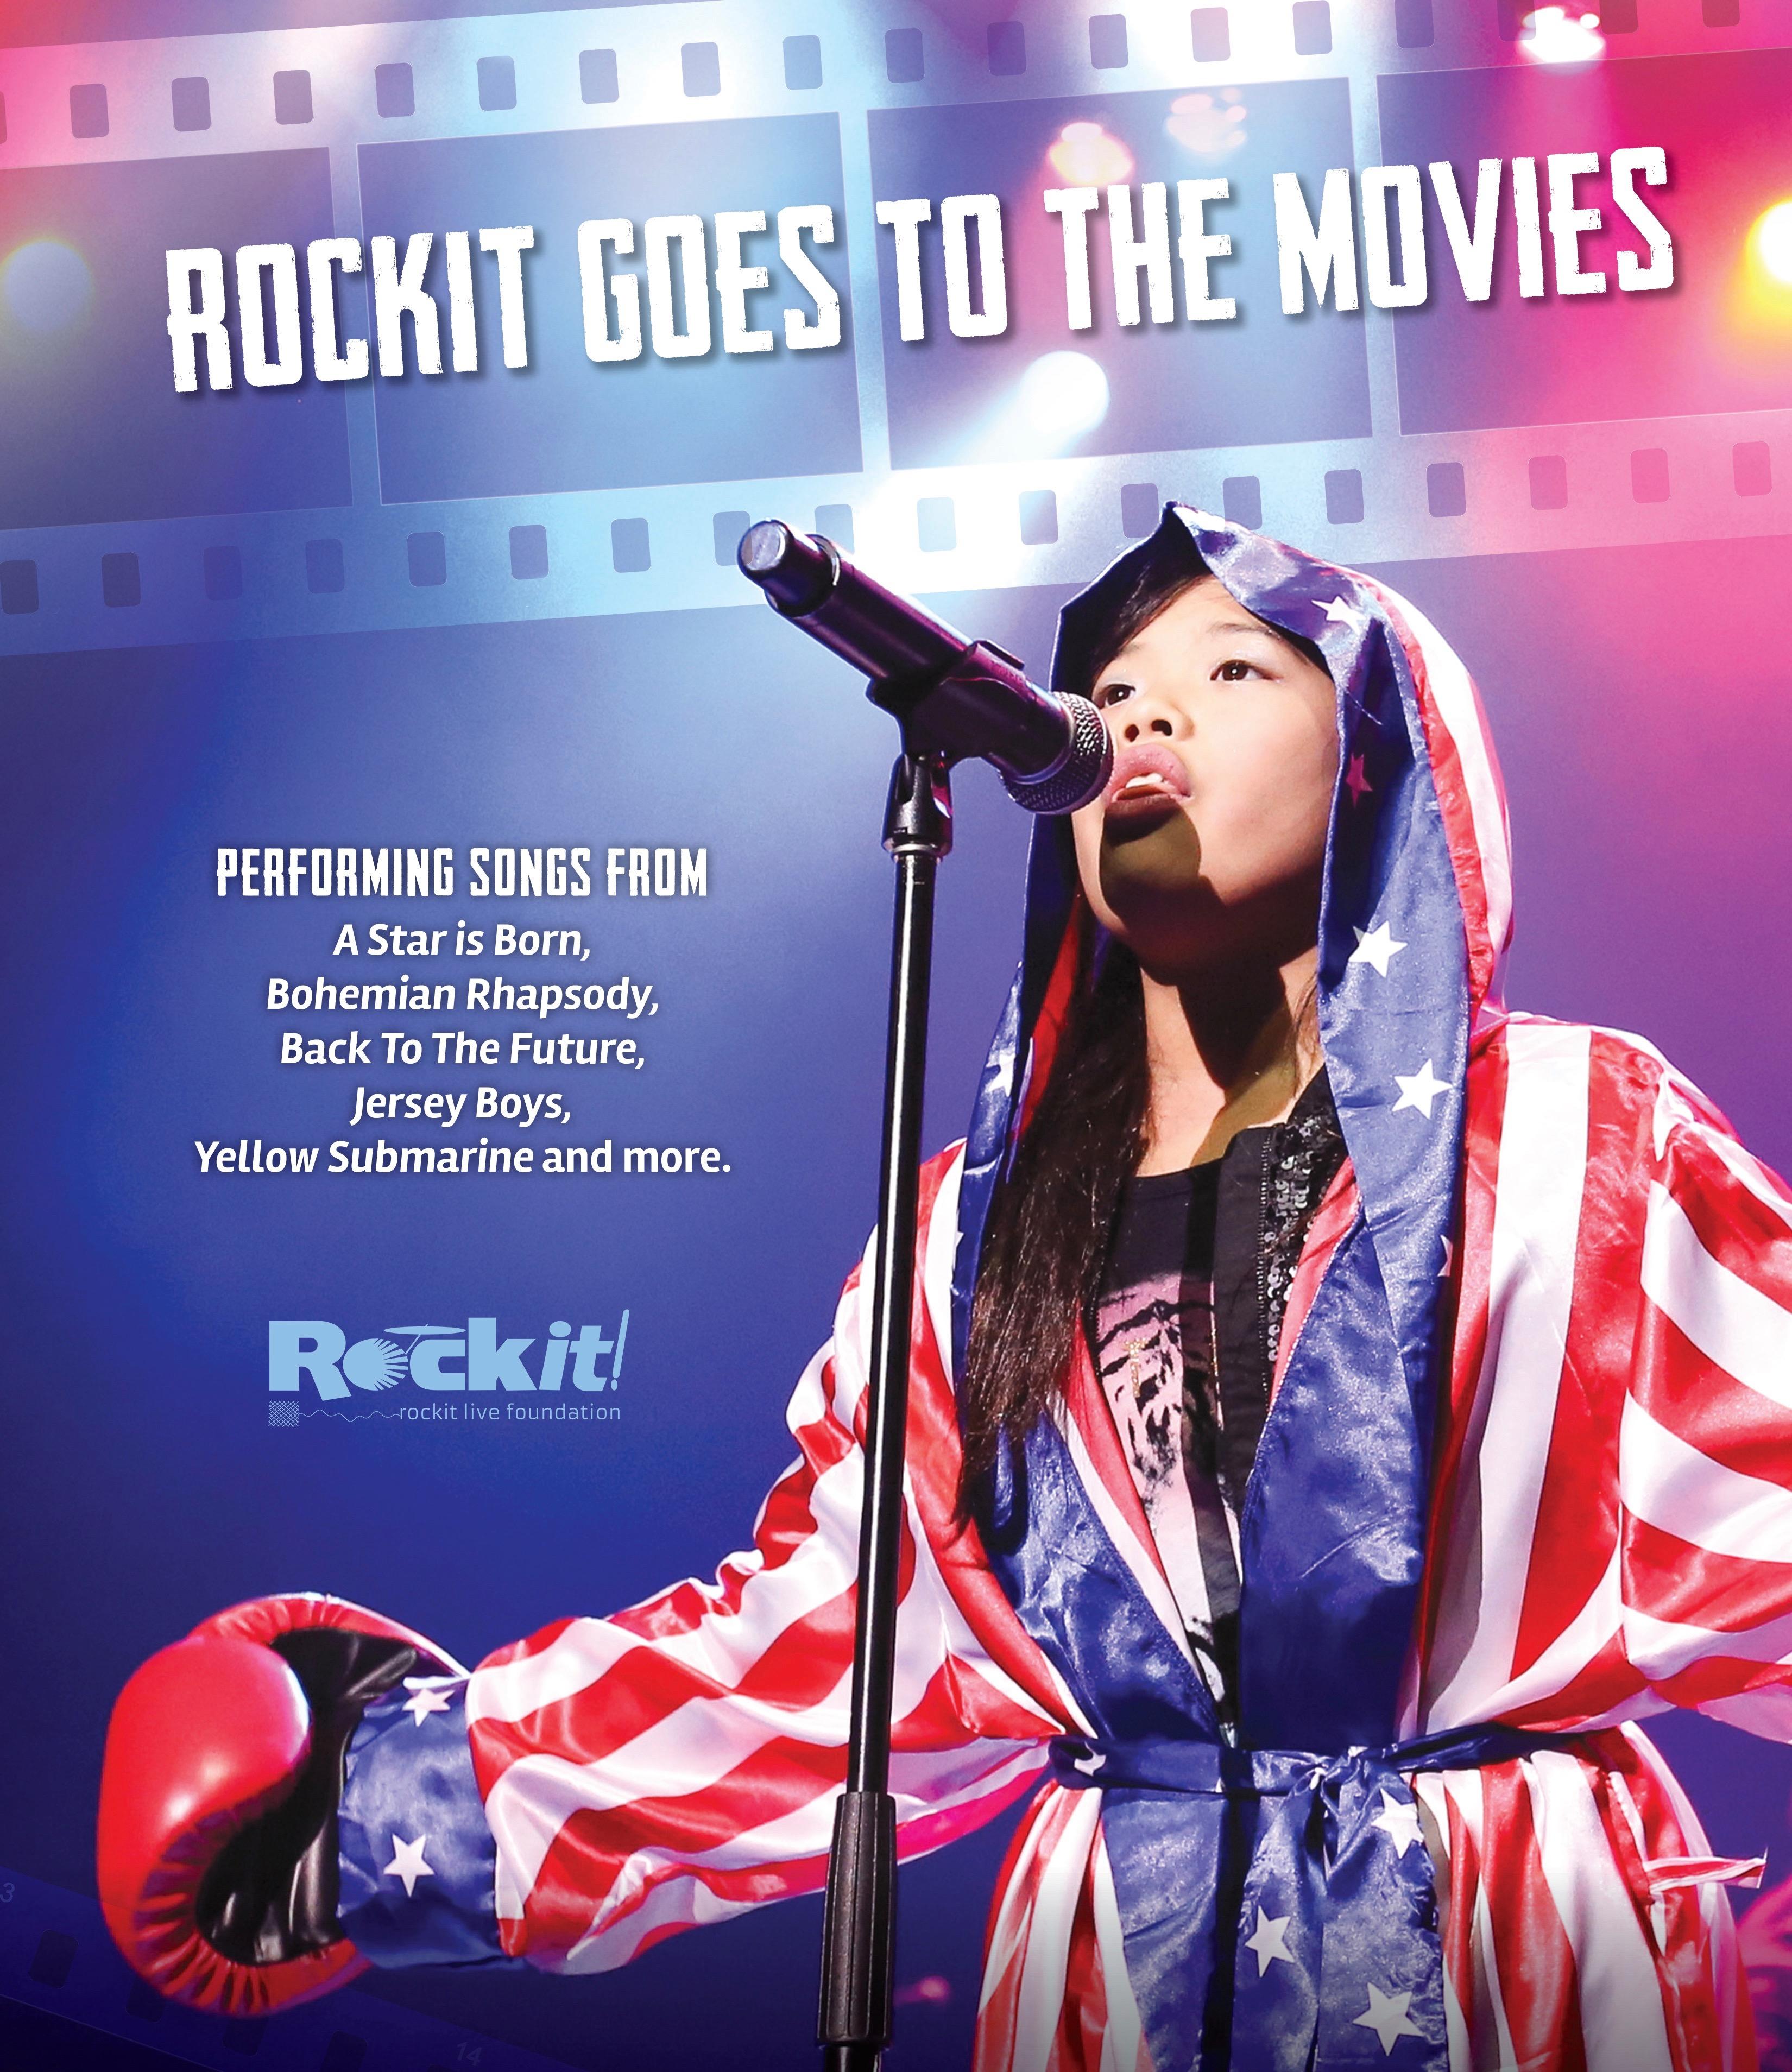 Rockit63019